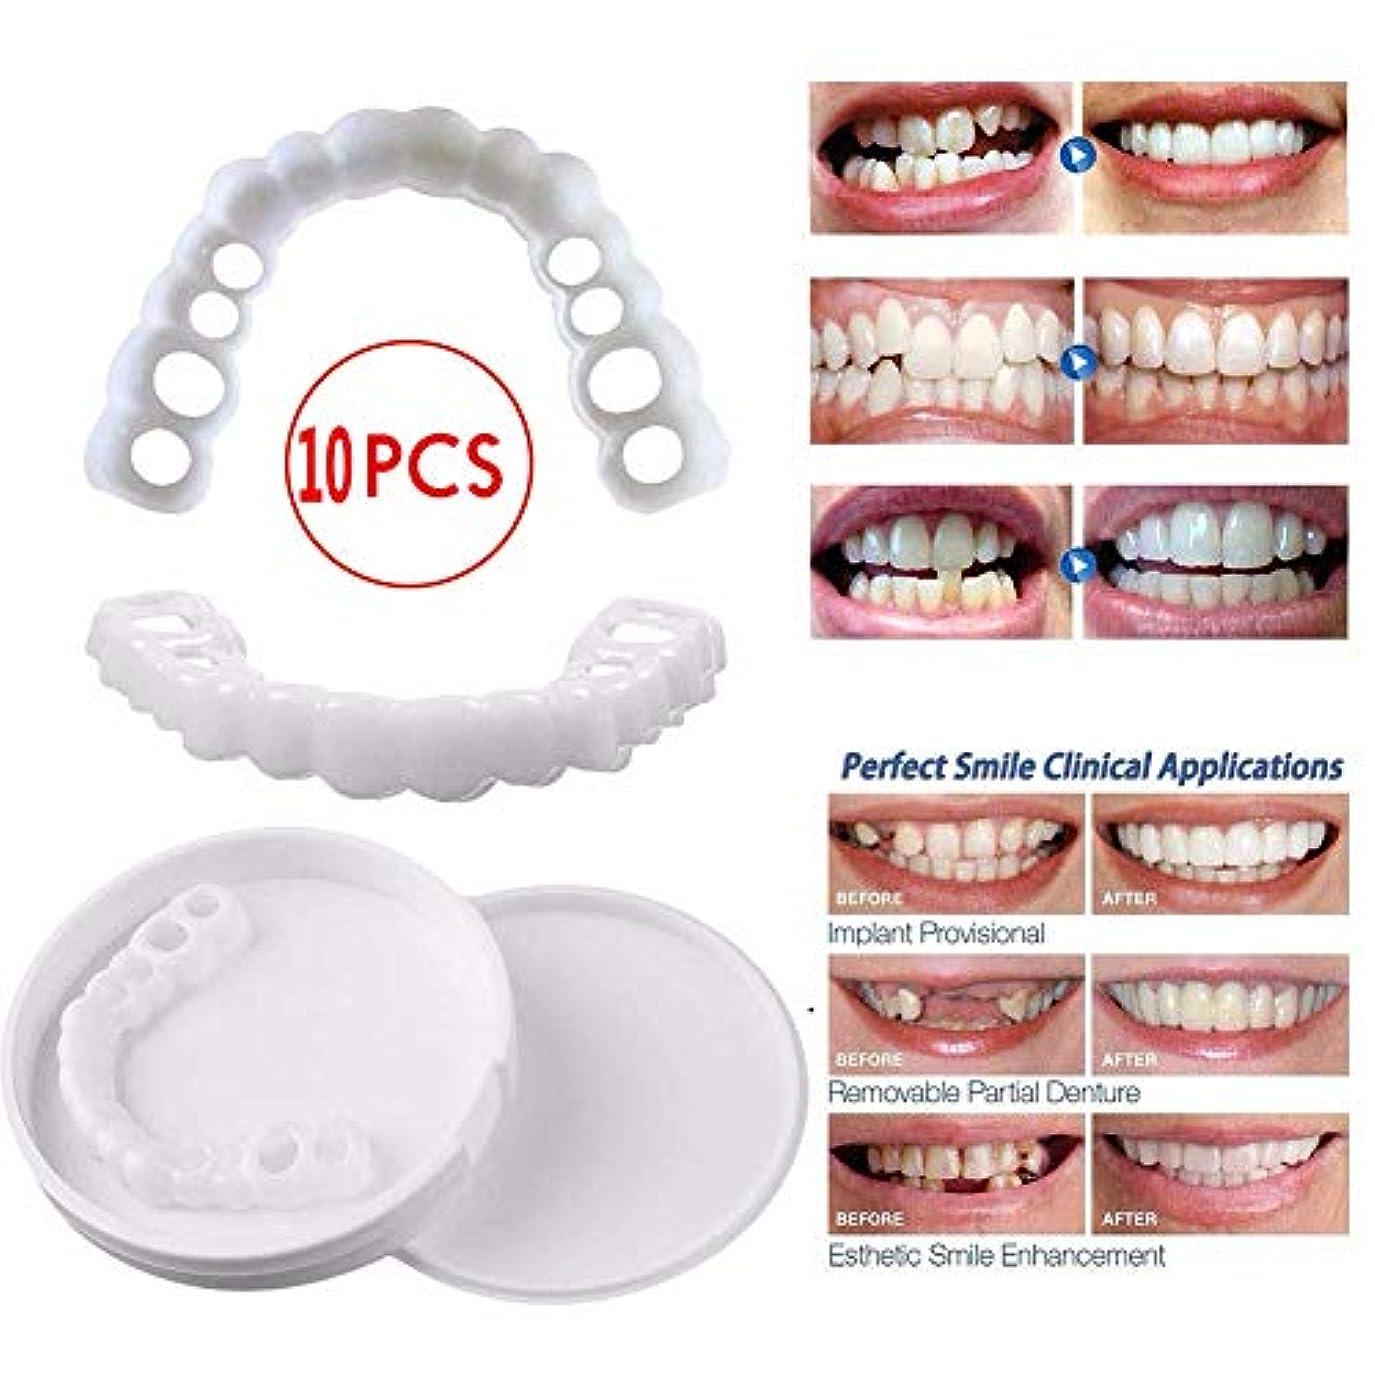 特派員干し草フォーク10個の一時的な歯のホワイトニング、歯の一時的な化粧品の歯の義歯歯の化粧品の収納ボックス付き偽の歯カバー,10pcsupperteeth